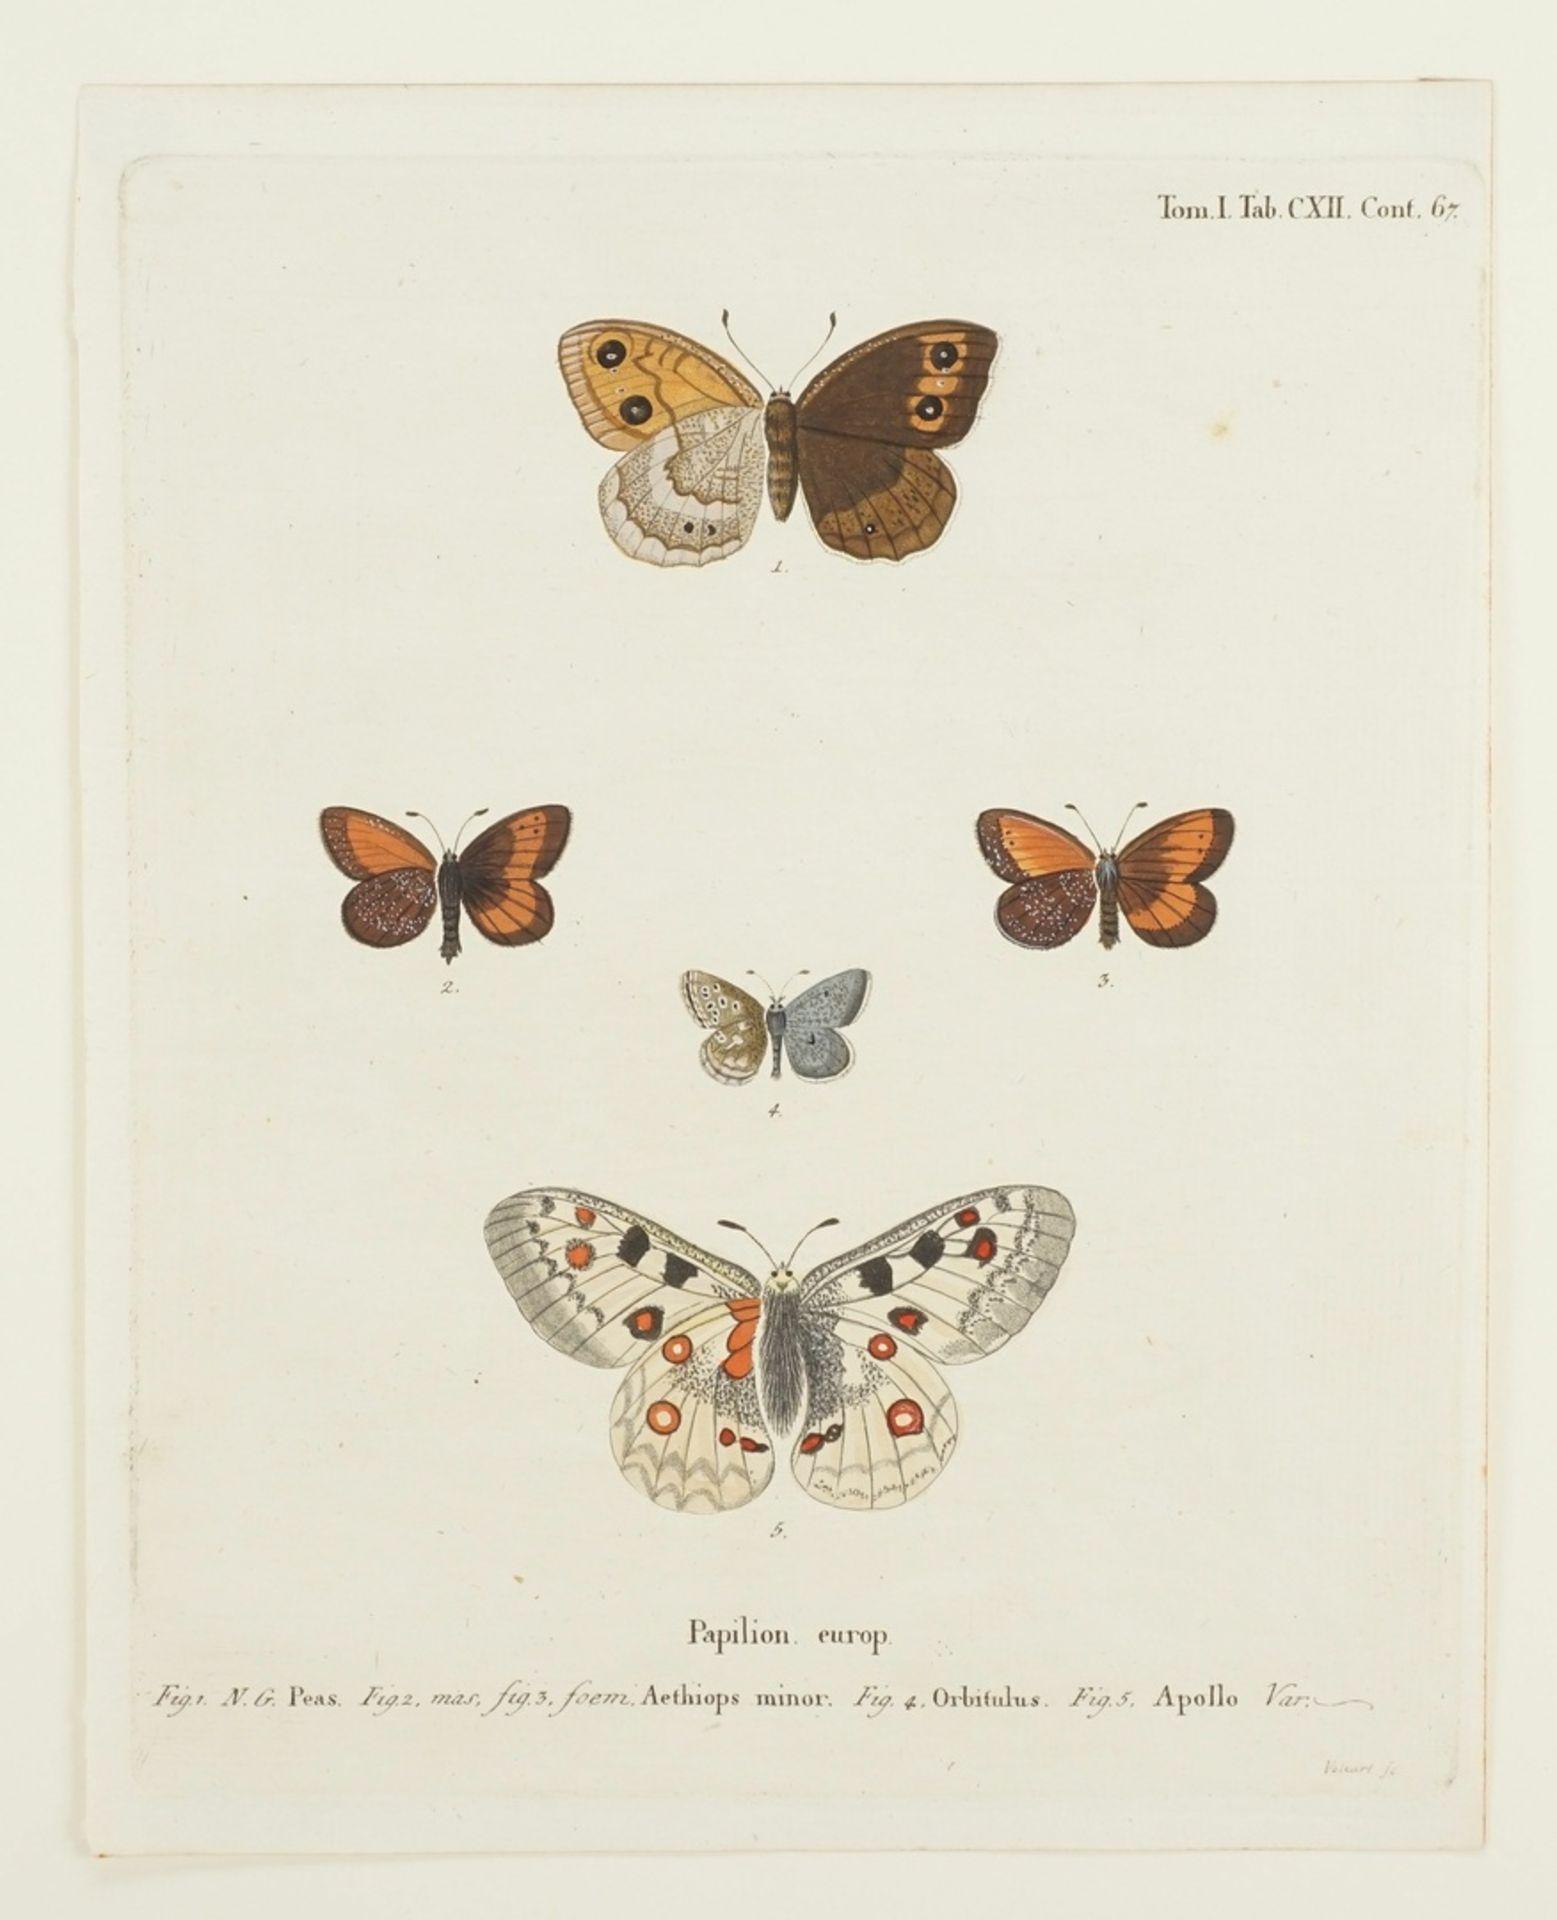 """Johann Friedrich Volkart, Naturkundliches Blatt, """"Papilion. europ. (Europäische Schmetterlinge)"""" - Bild 3 aus 3"""